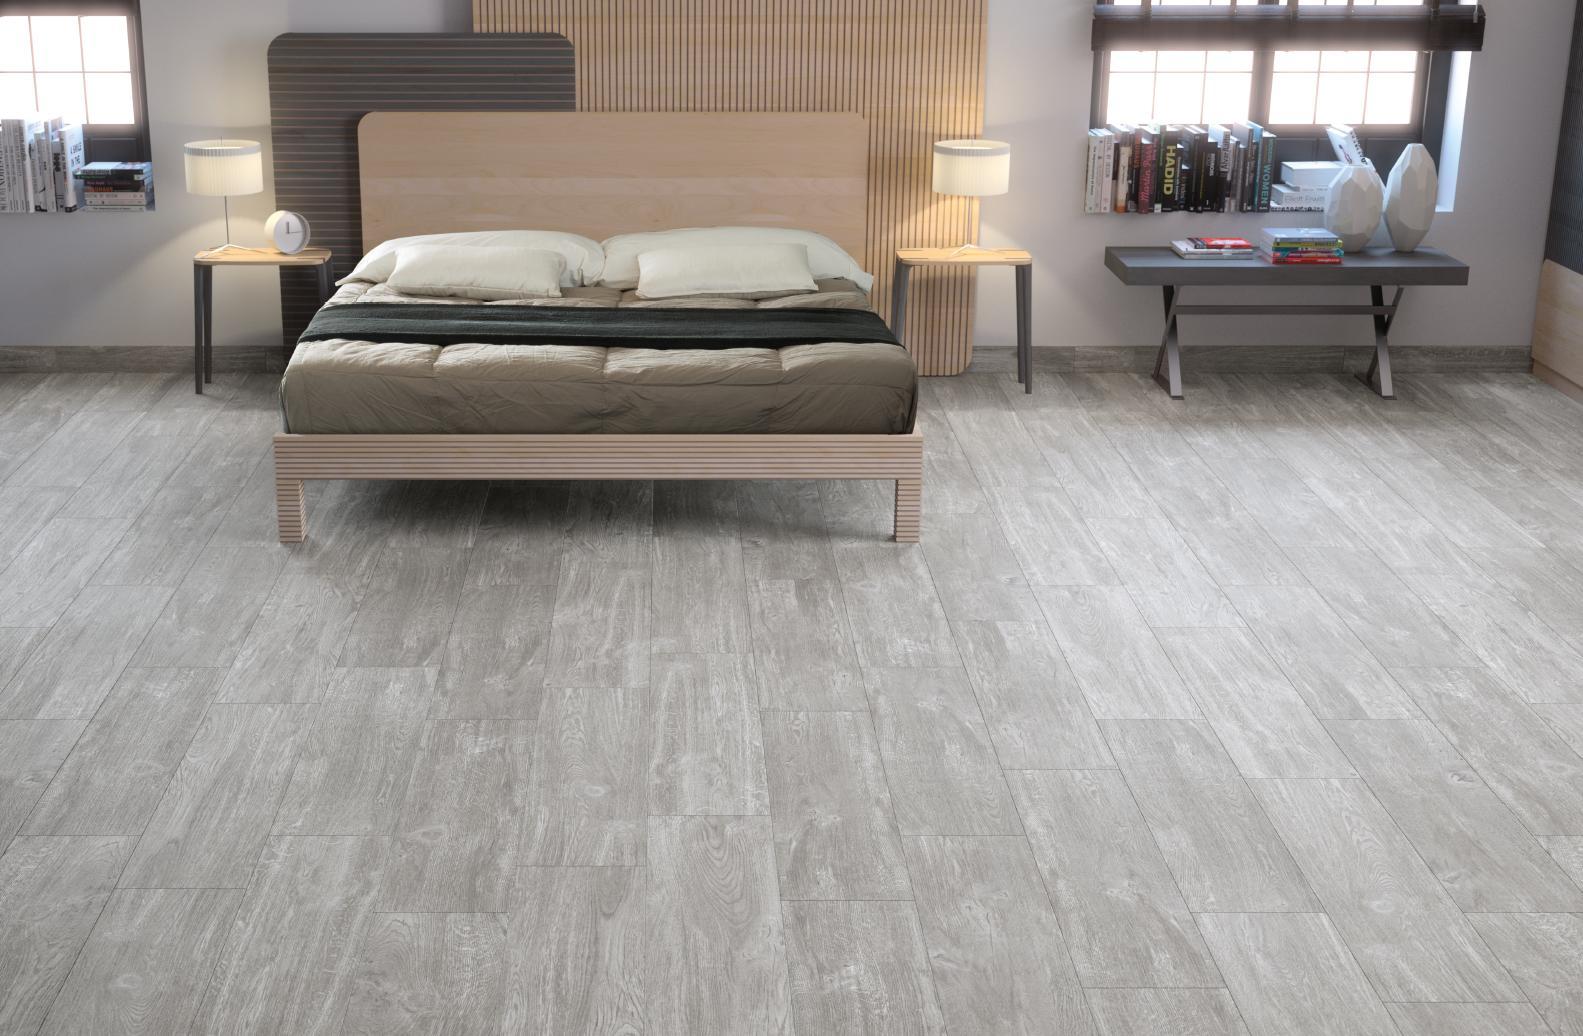 Ceracasa porcelanico madera bercy gris clickdecormadrid for Suelo porcelanico imitacion madera